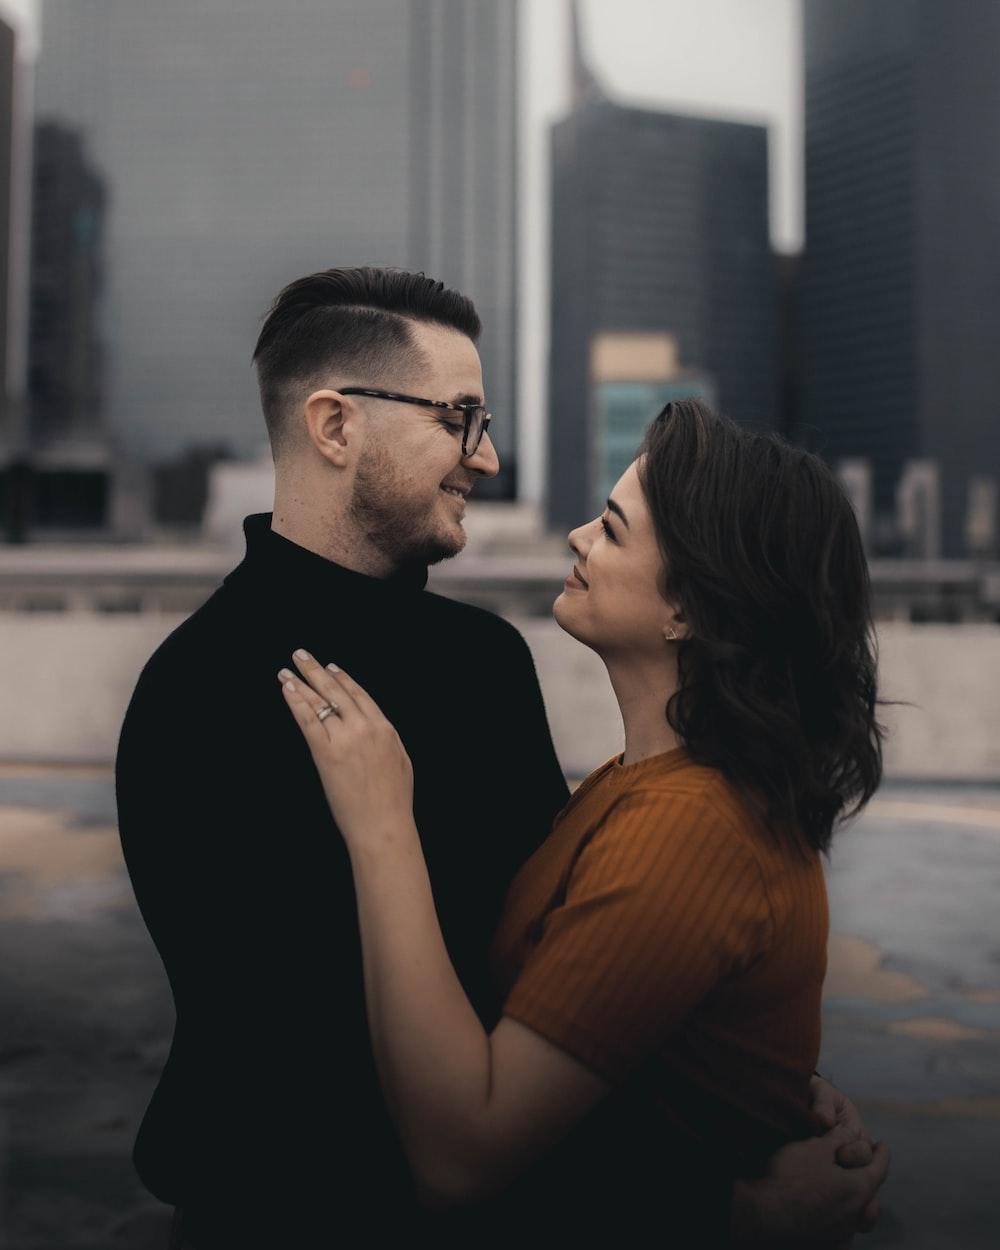 man in black crew neck shirt kissing woman in orange shirt